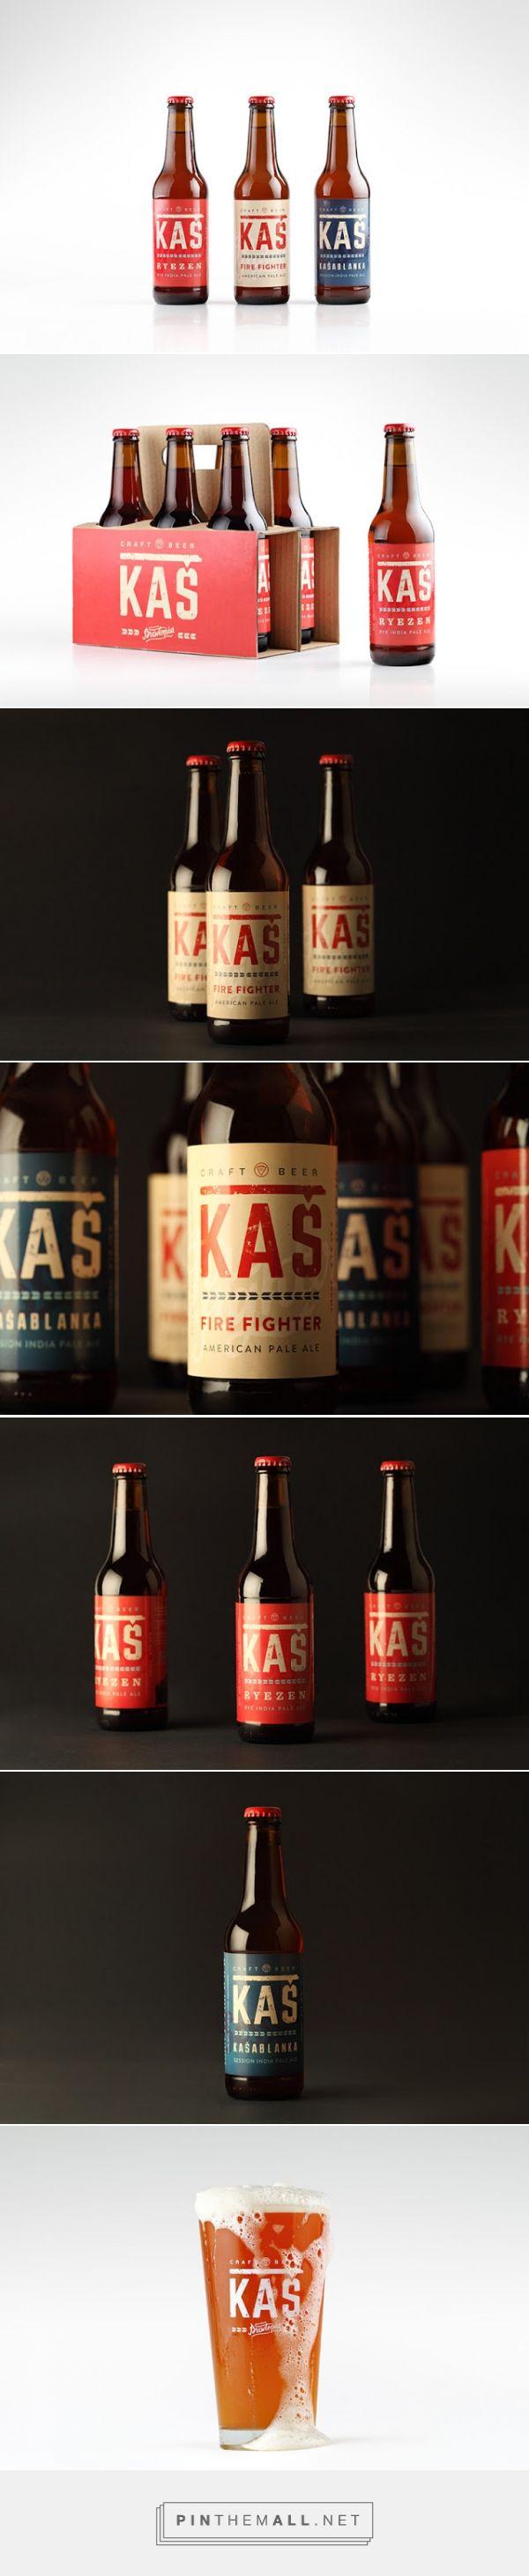 KAS Beer - Packaging of the World - Creative Package Design Gallery - http://www.packagingoftheworld.com/2016/01/kas-beer.html